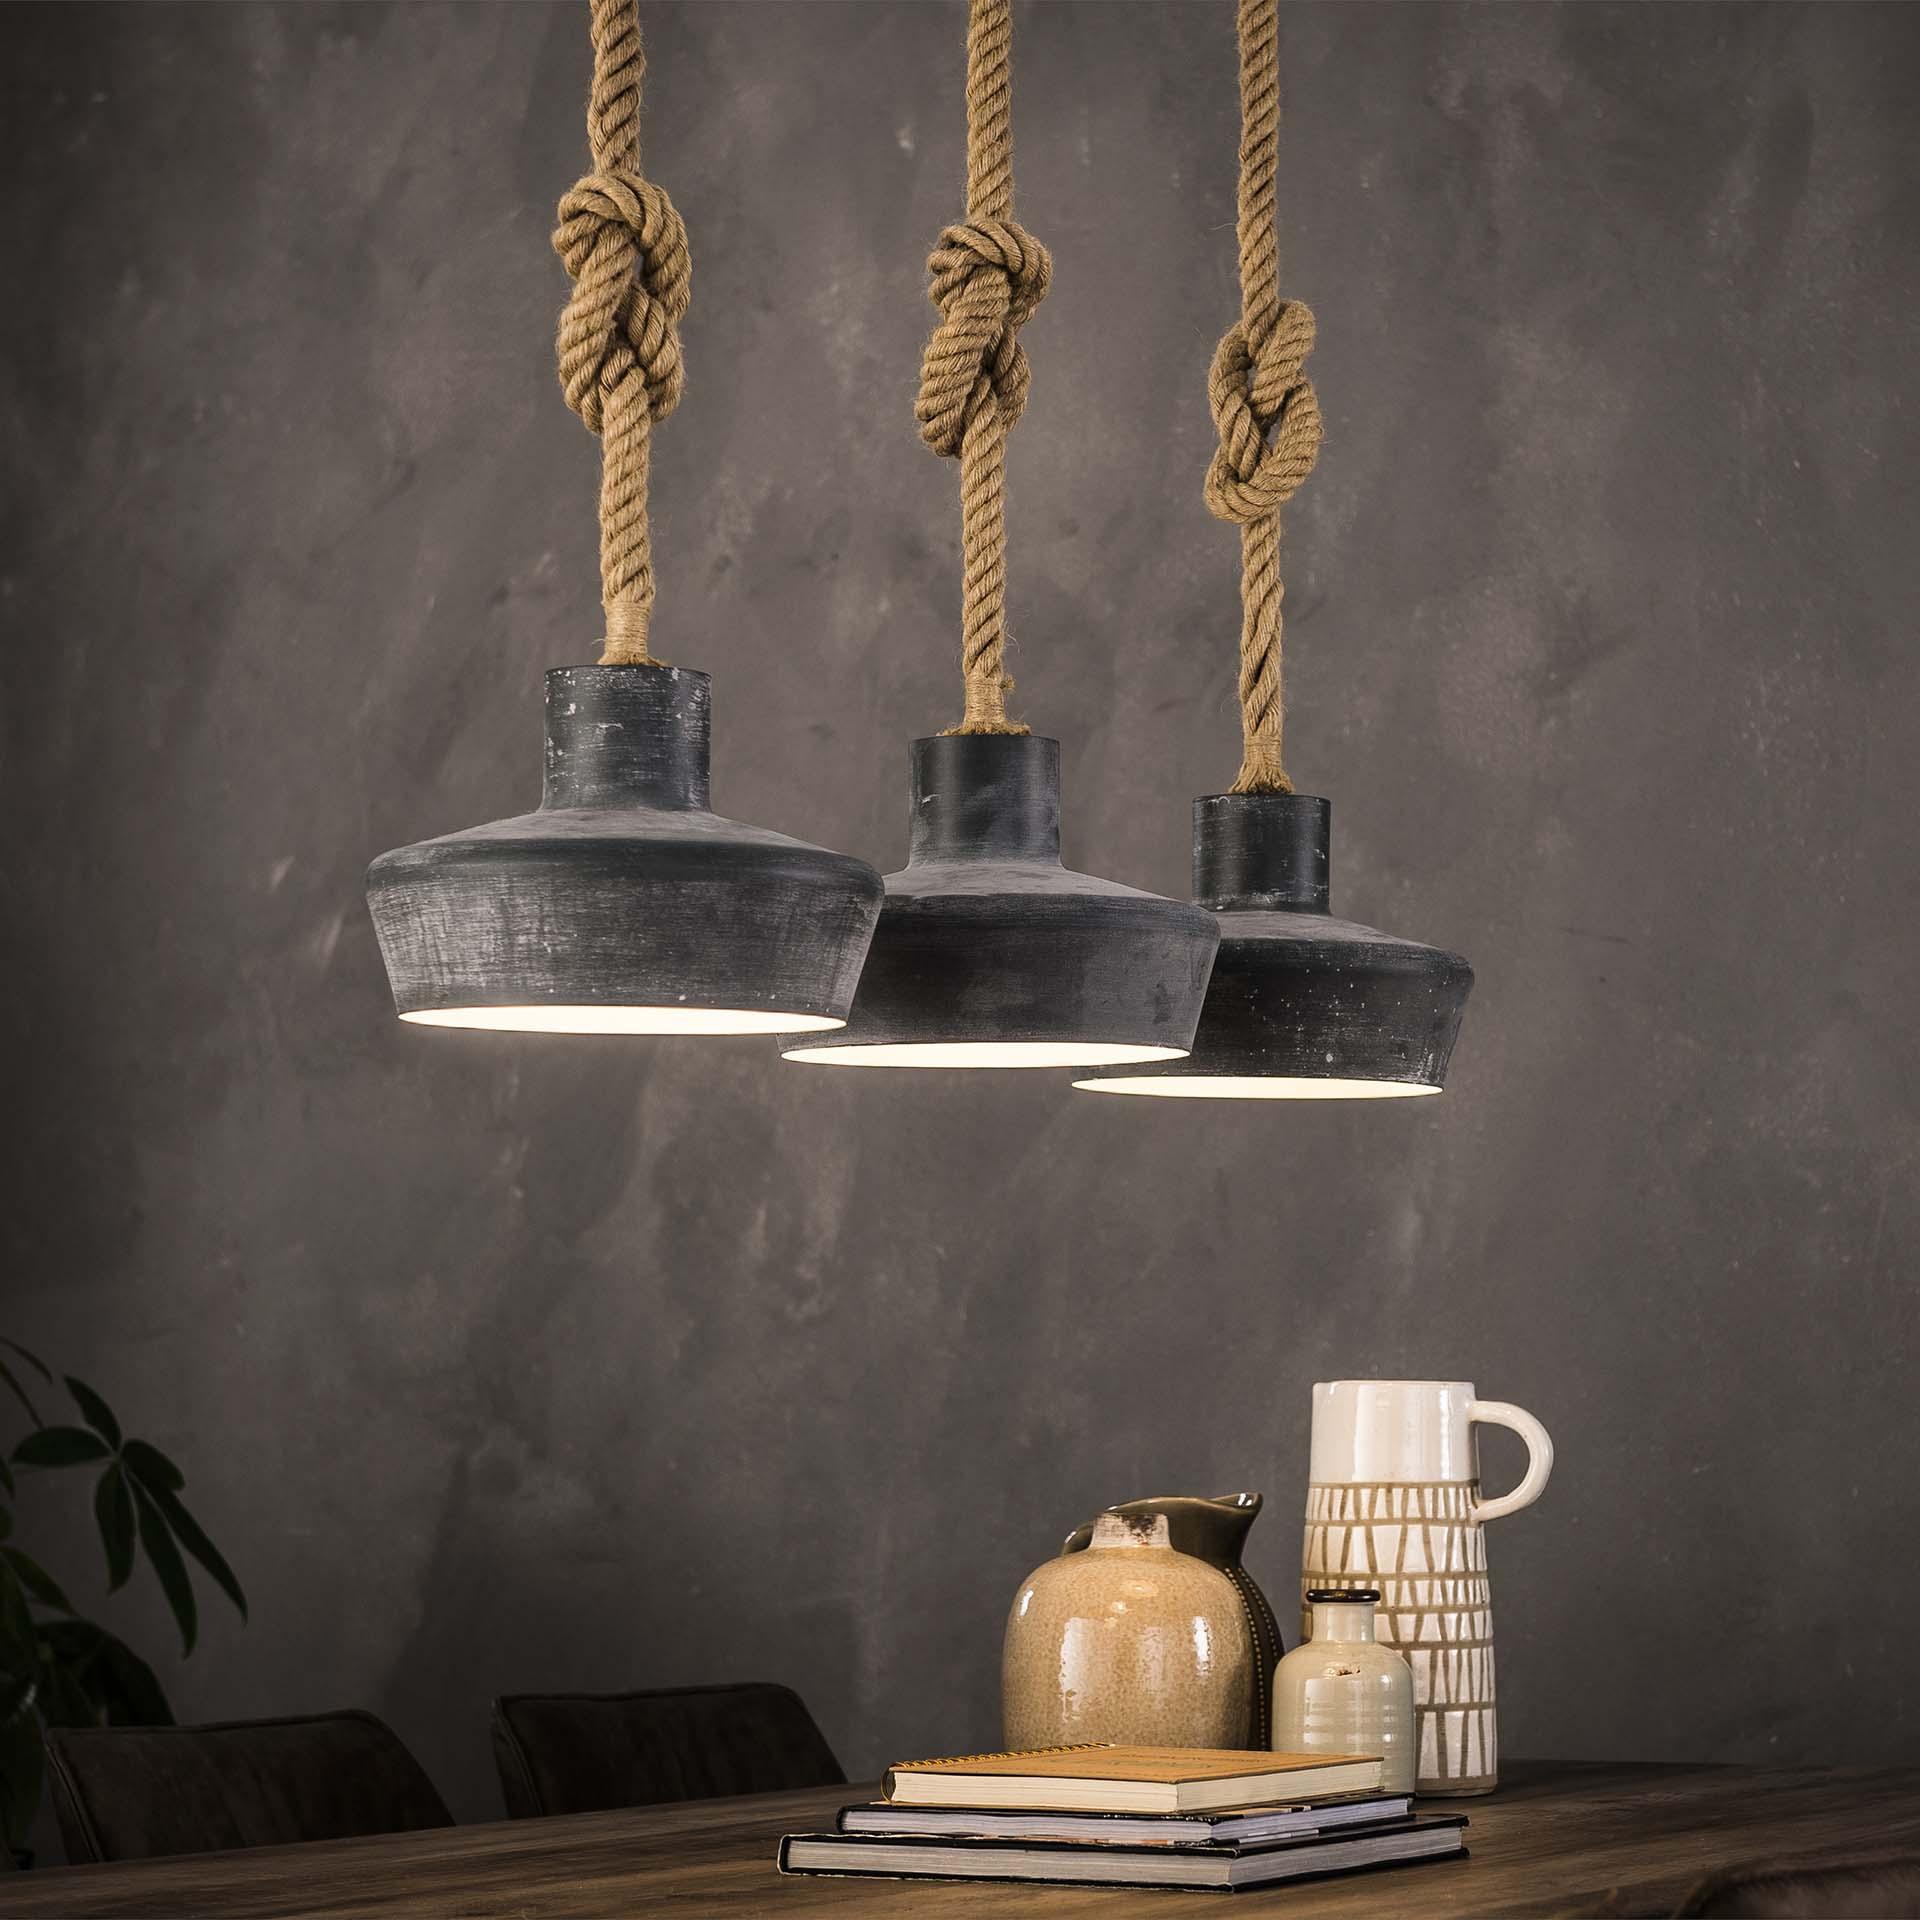 Hanglamp 3x28 betonlook verstelbaar touw - Grijs